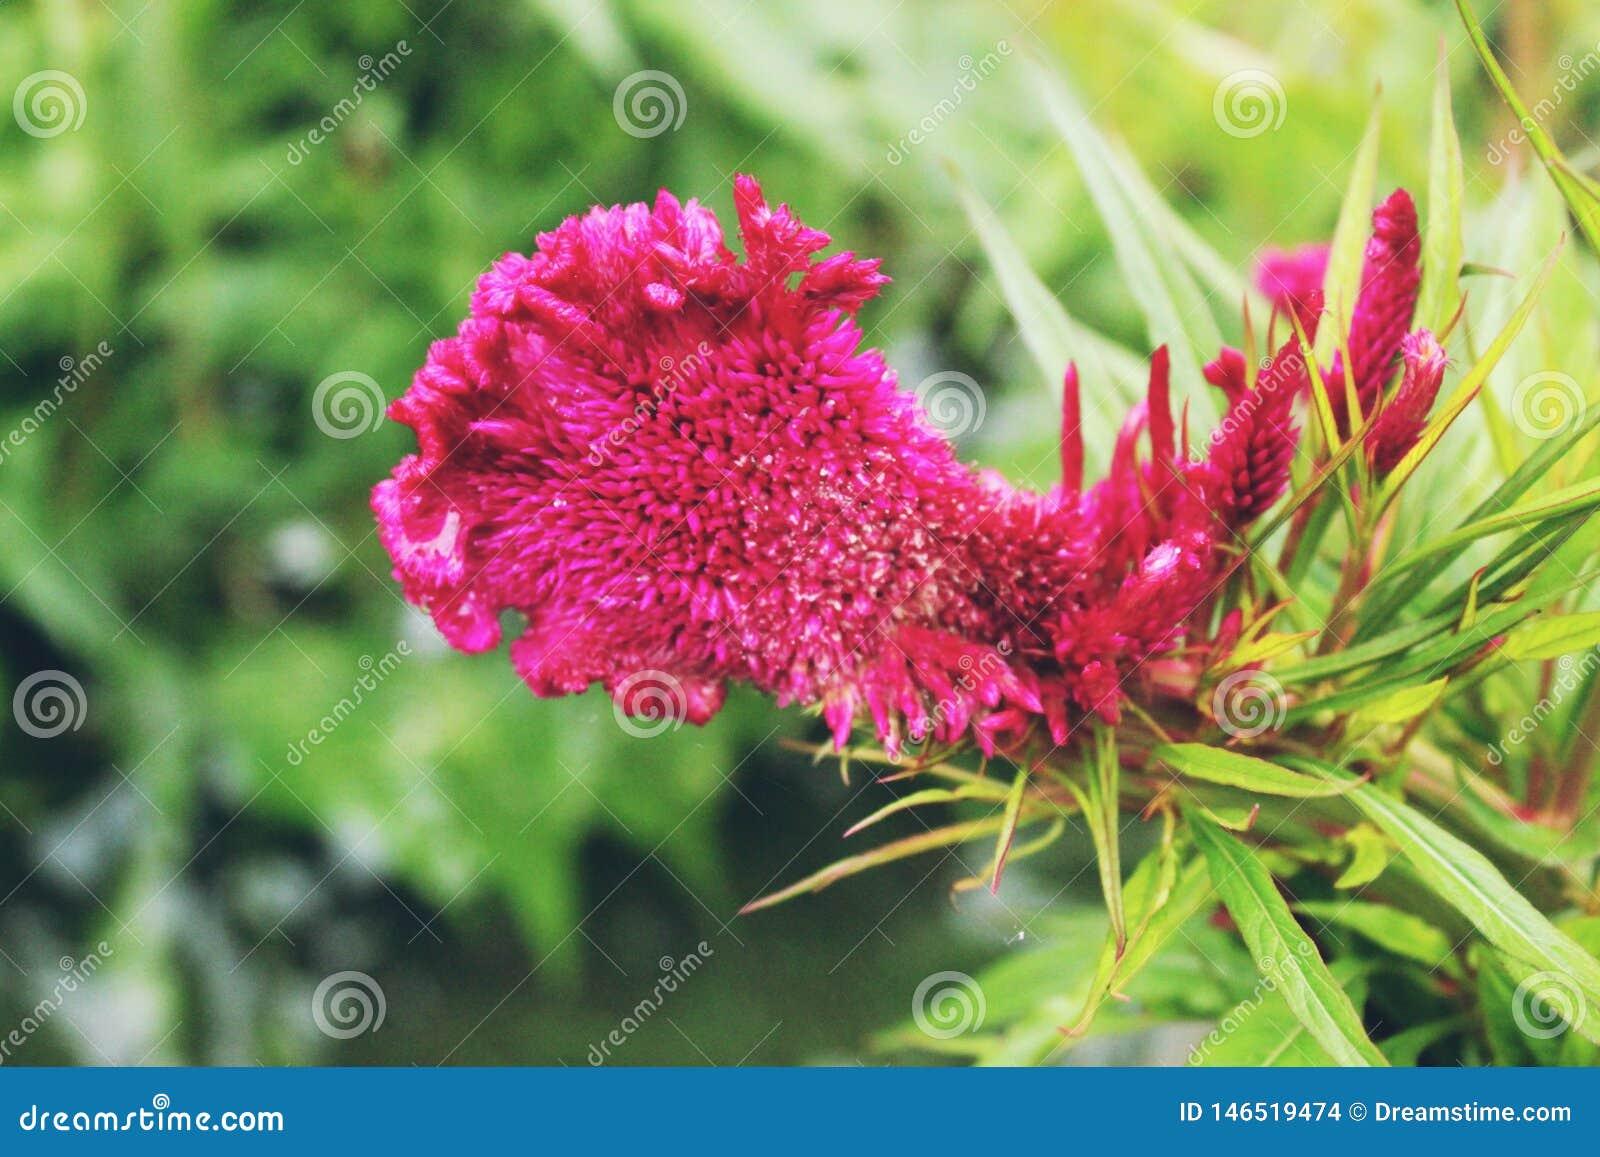 Flores hermosas convenientes para plantar en el jardín